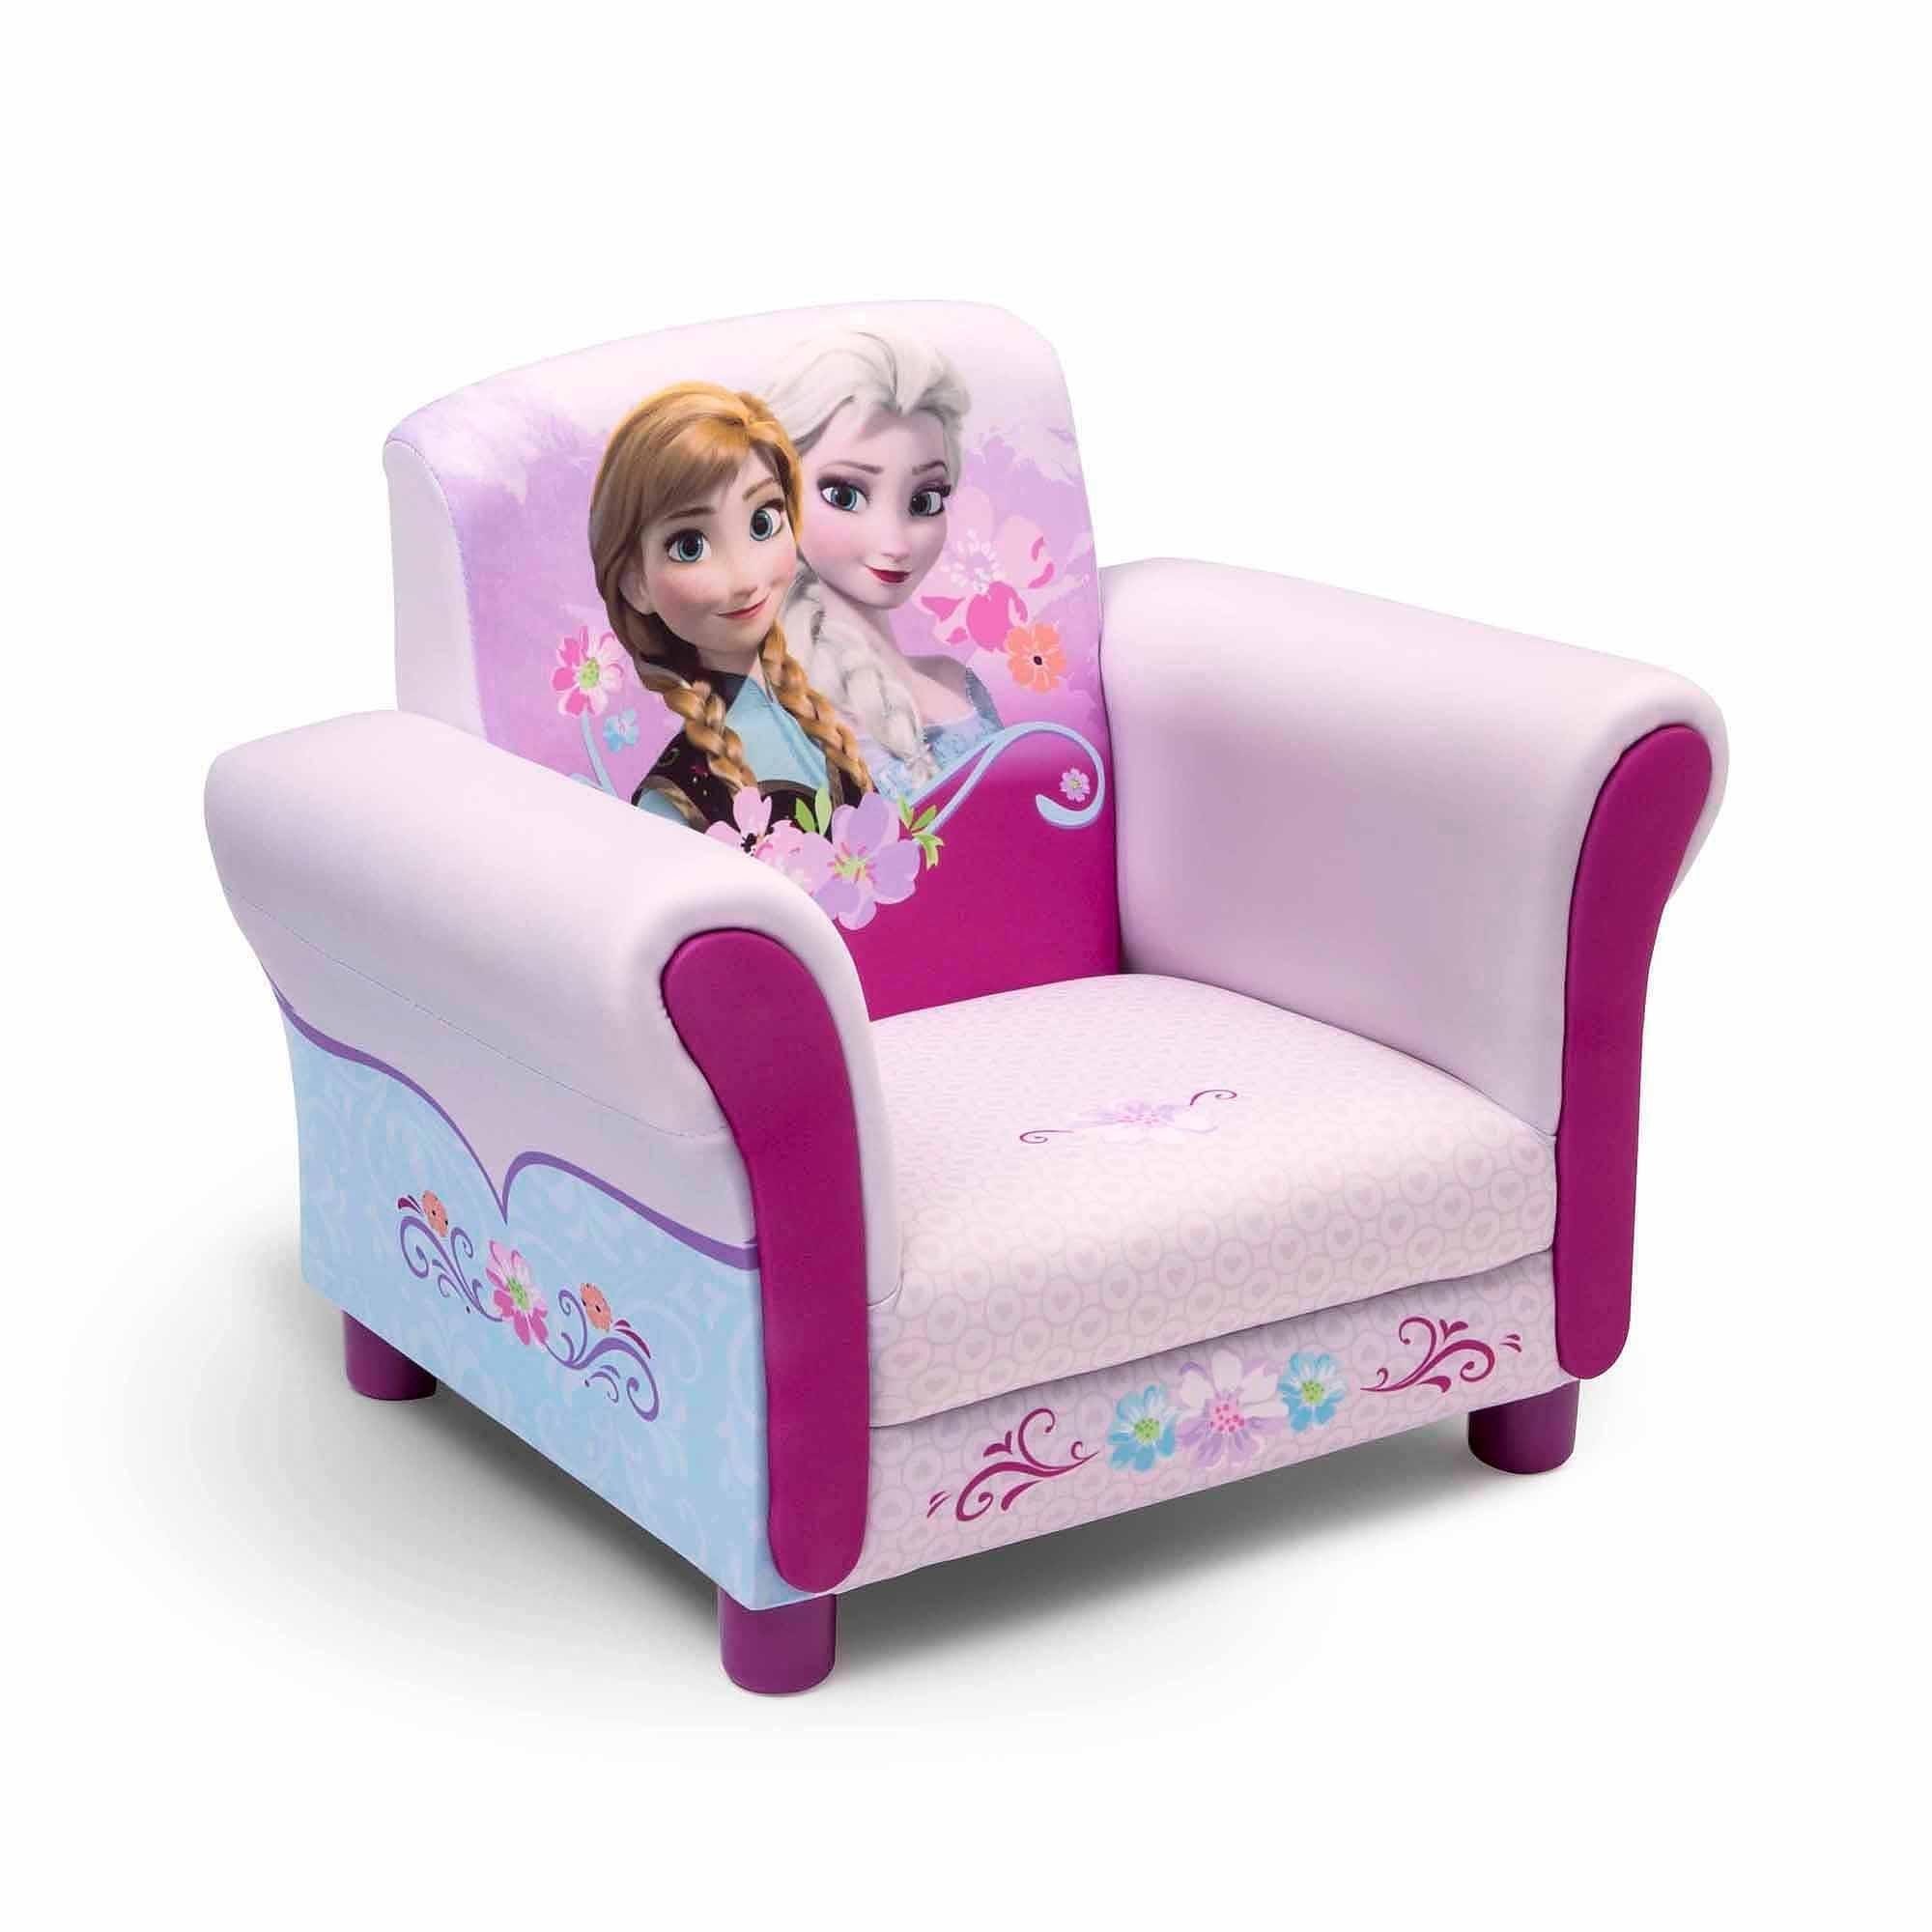 Sofas Center : Childrens Sofa Chair Canada Children Infant Chairs Inside Childrens Sofa Chairs (Image 15 of 20)